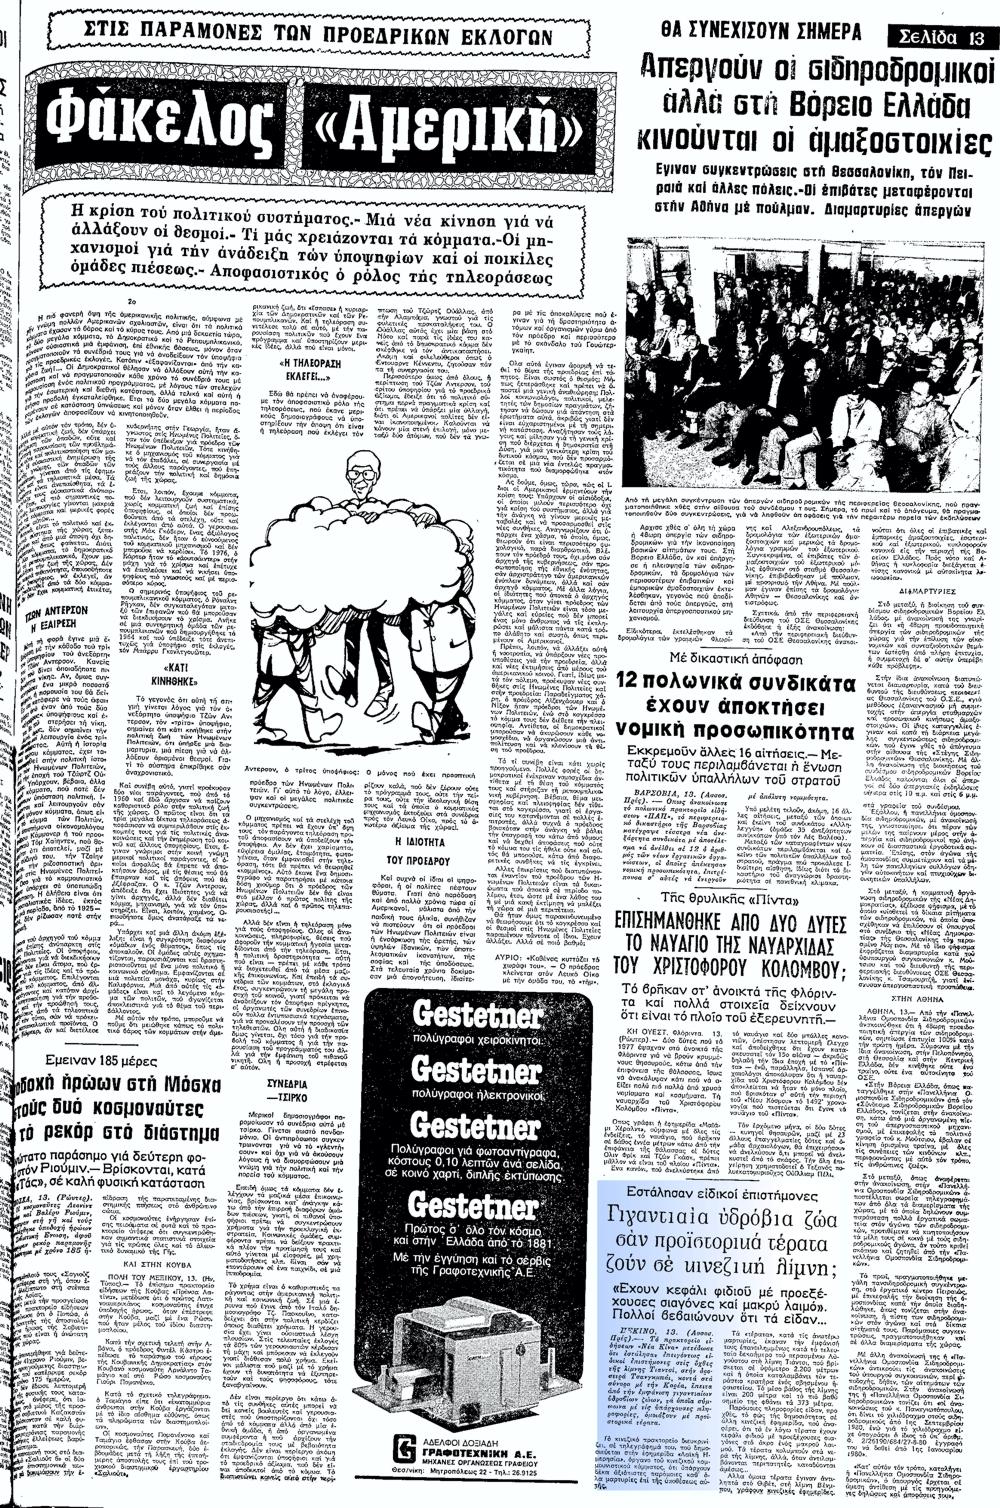 """Το άρθρο, όπως δημοσιεύθηκε στην εφημερίδα """"ΜΑΚΕΔΟΝΙΑ"""", στις 14/10/1980"""